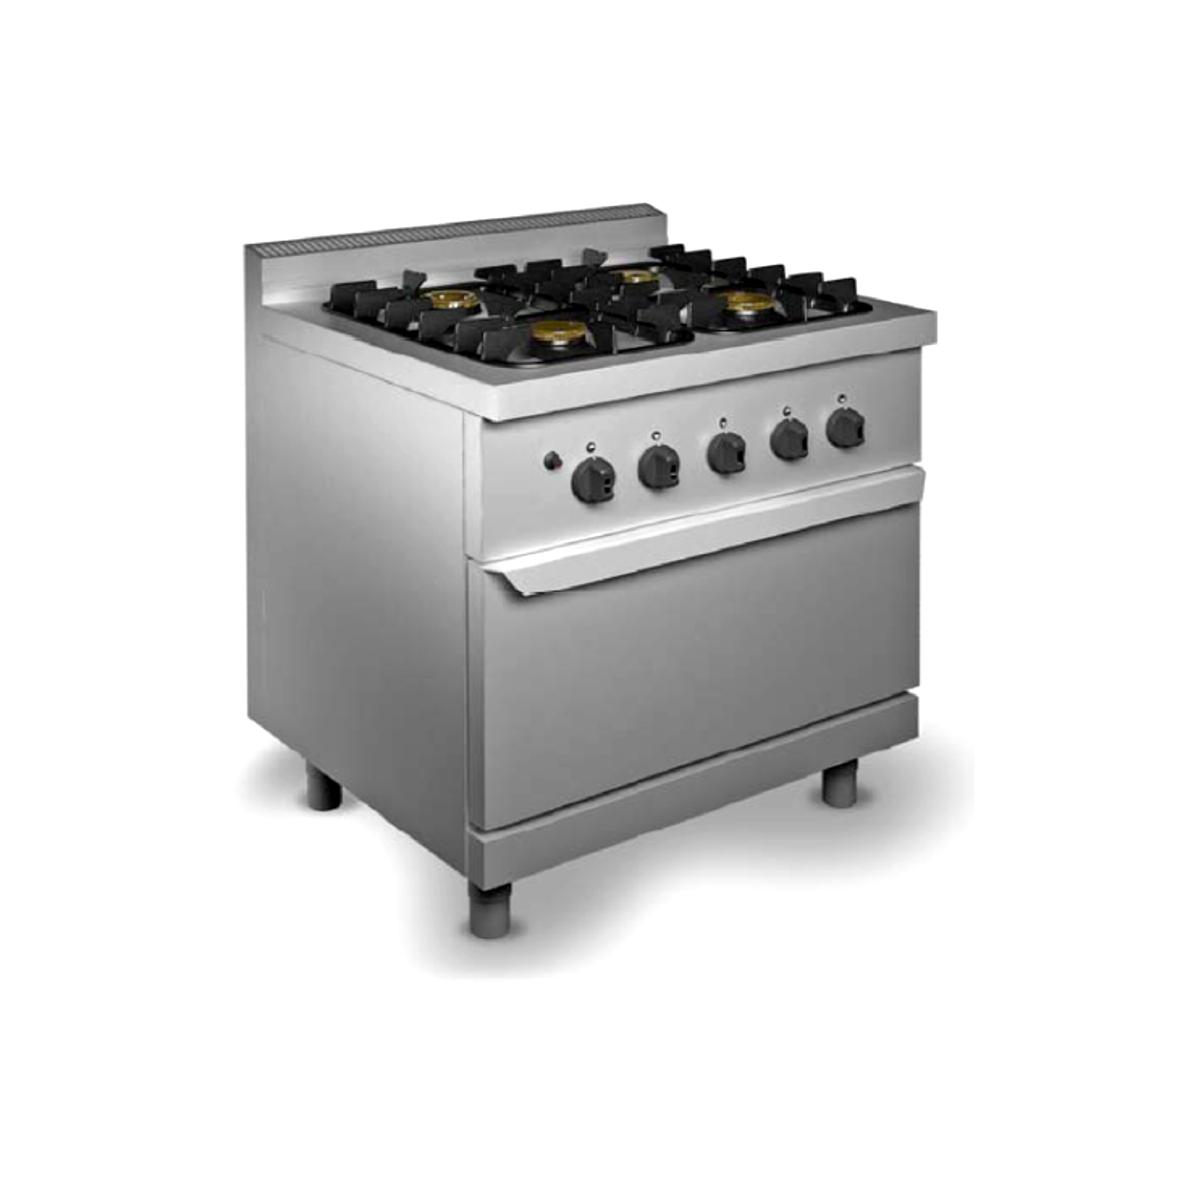 Cucina professionale 4 fuochi con forno a gas - Prezzi cucine professionali ...